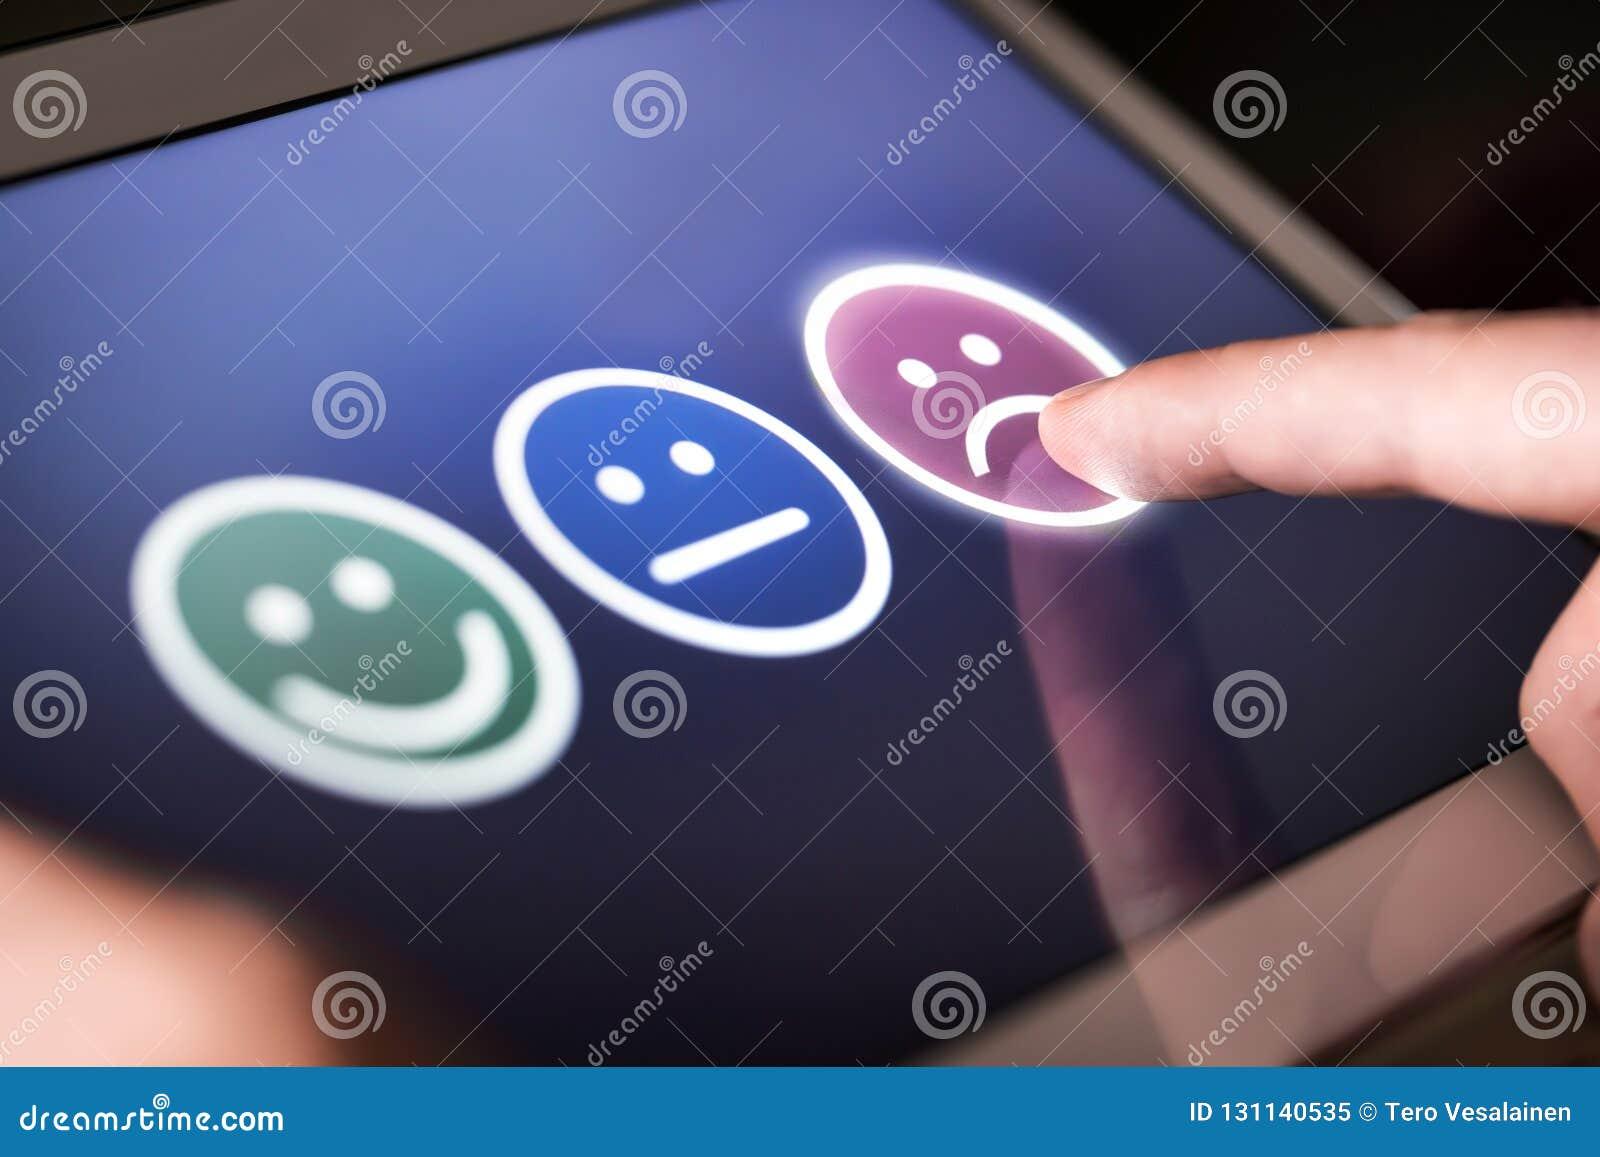 Ο δυστυχισμένος και απογοητευμένος πελάτης που δίνει τη χαμηλή εκτίμηση και αρνητικός ανατροφοδοτεί στην έρευνα